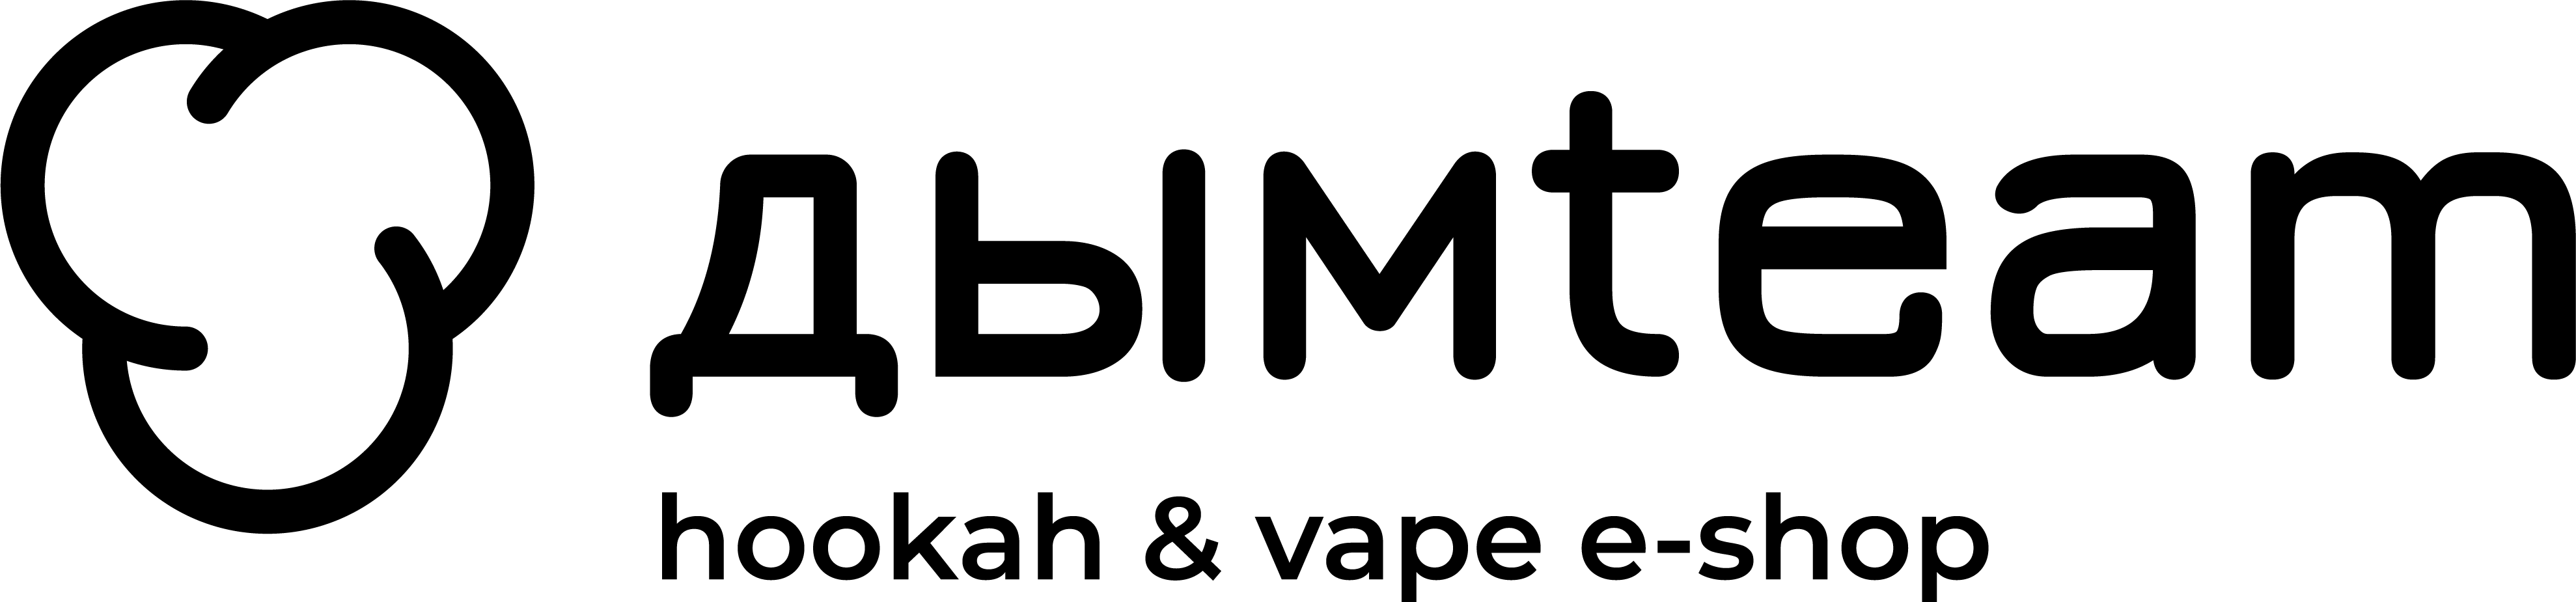 Магазин густого дыма и пара ДымTeam Иркутск. Купить кальяны, табак, уголь, электронные сигареты, жидкости для вейпа можно в розницу и оптом.